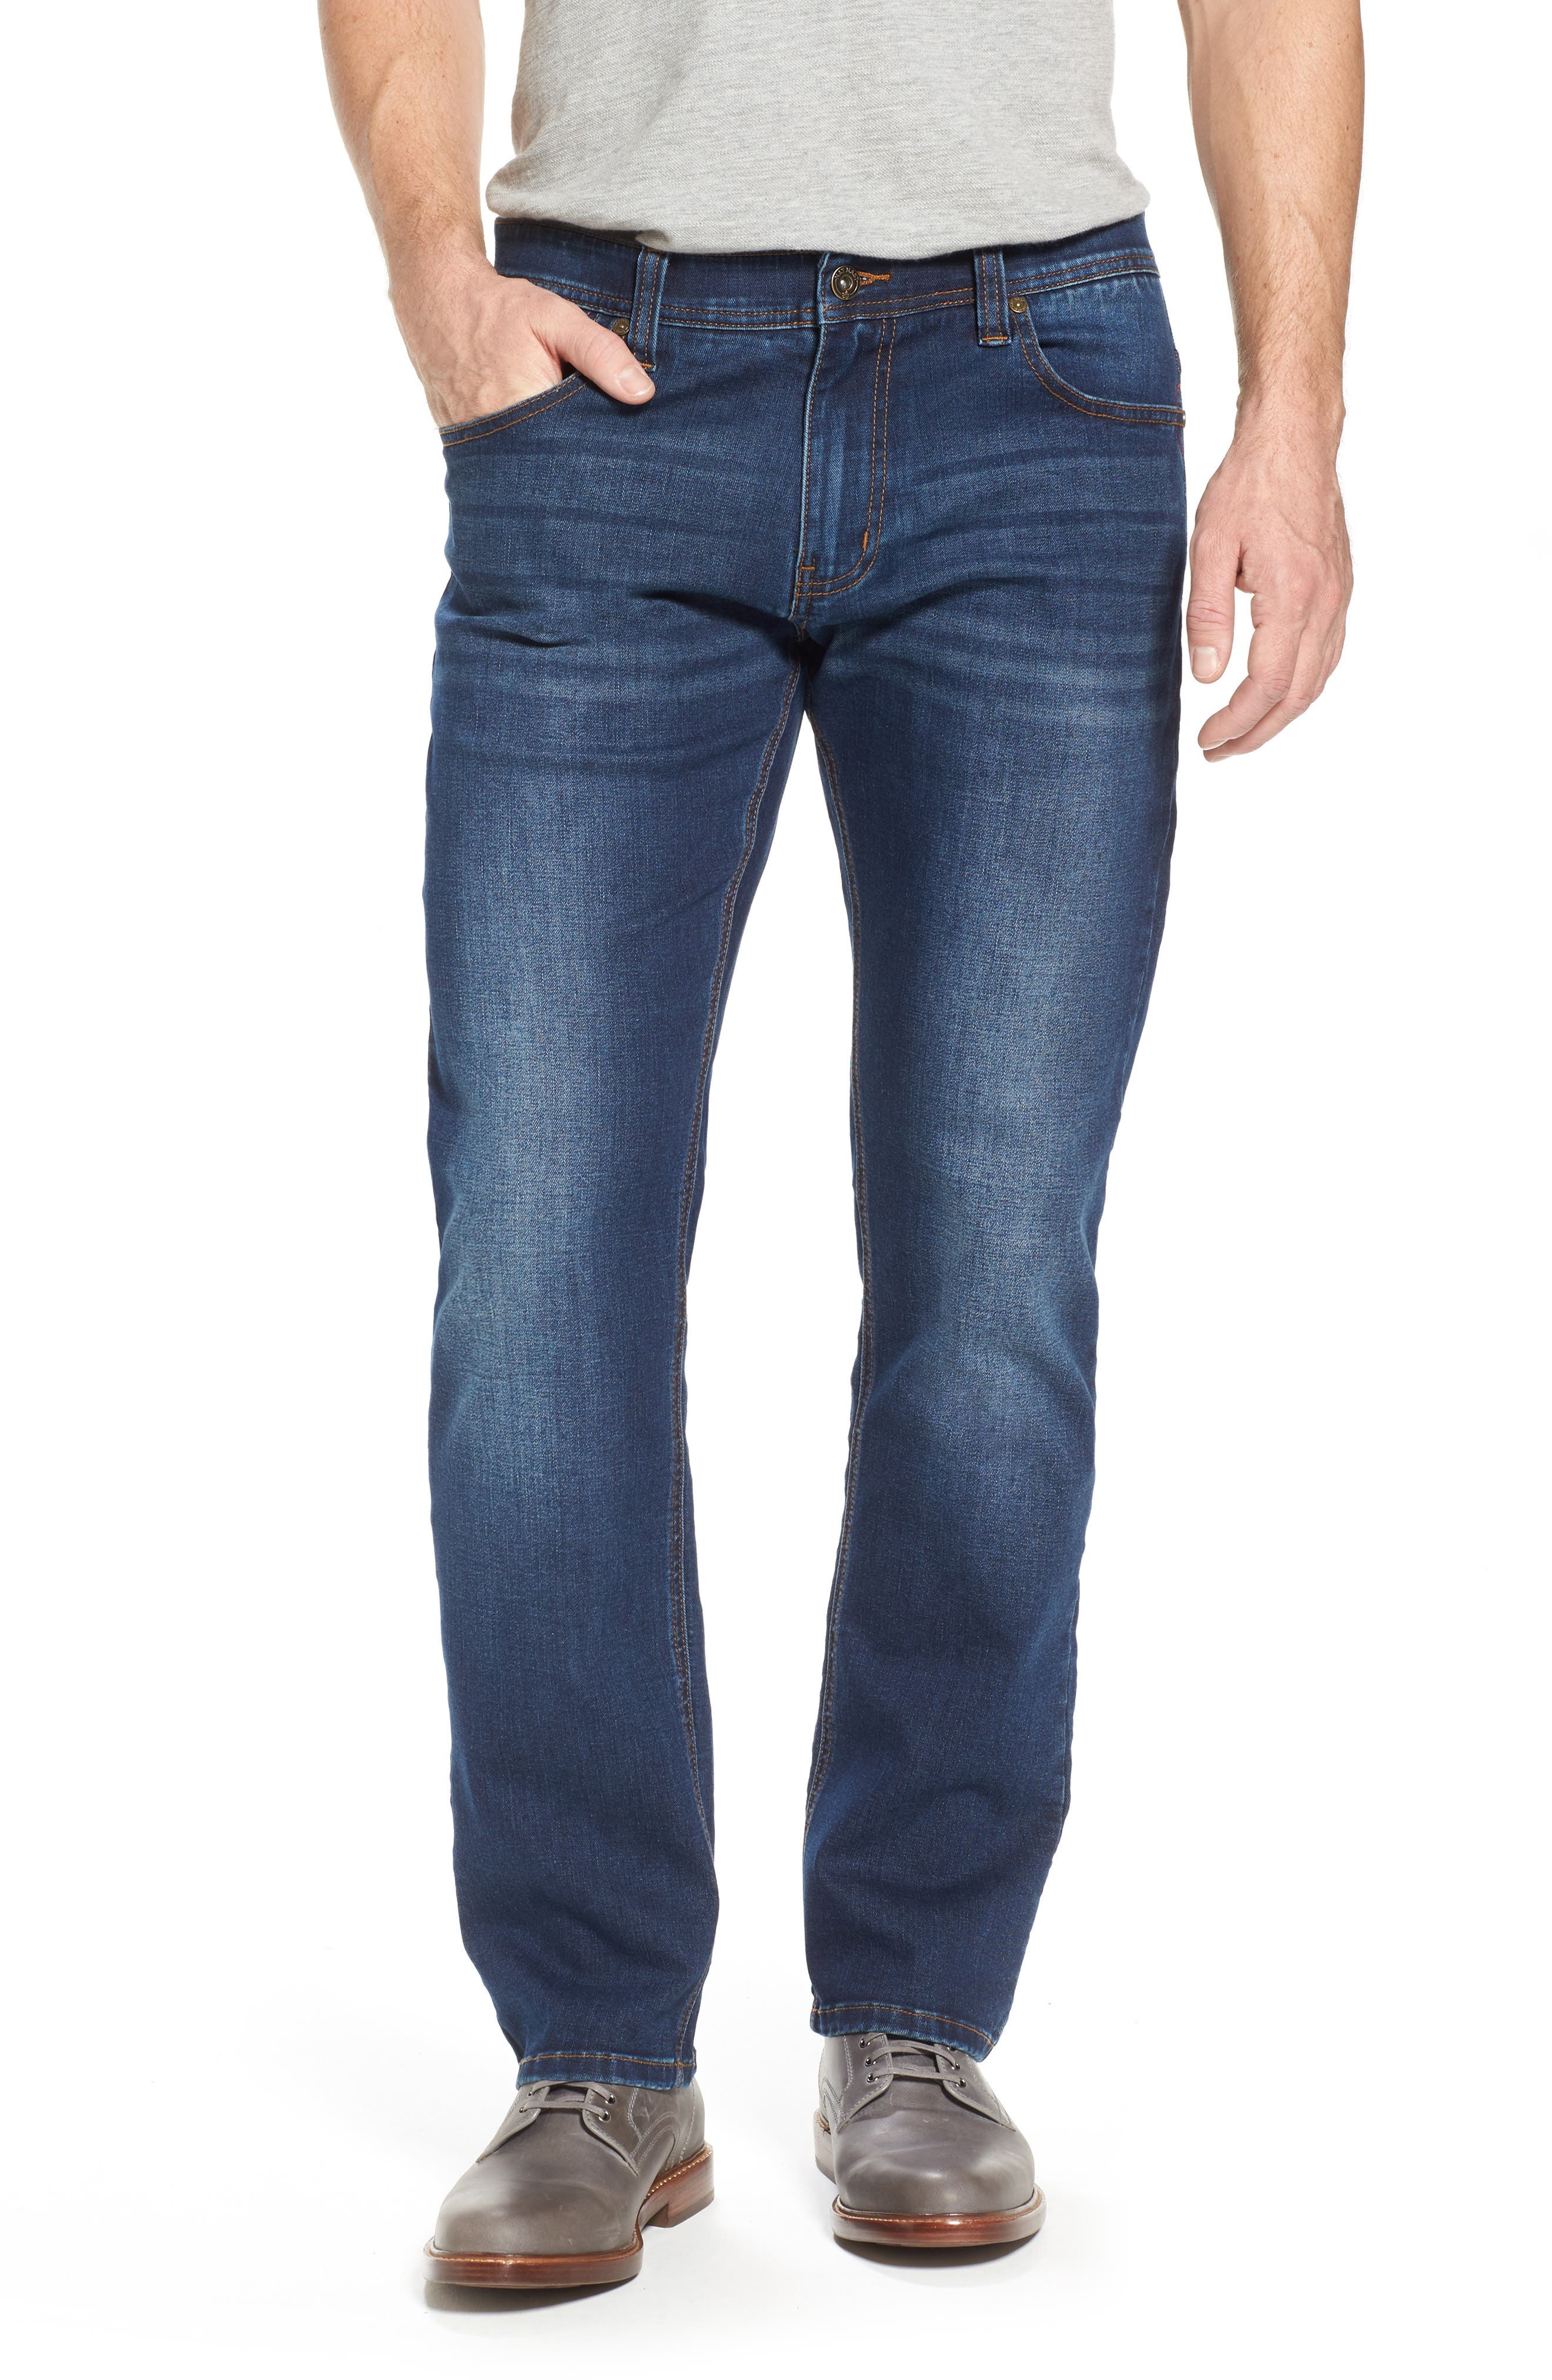 Maverick Stretch Slim Fit Jeans,                             Main thumbnail 1, color,                             400